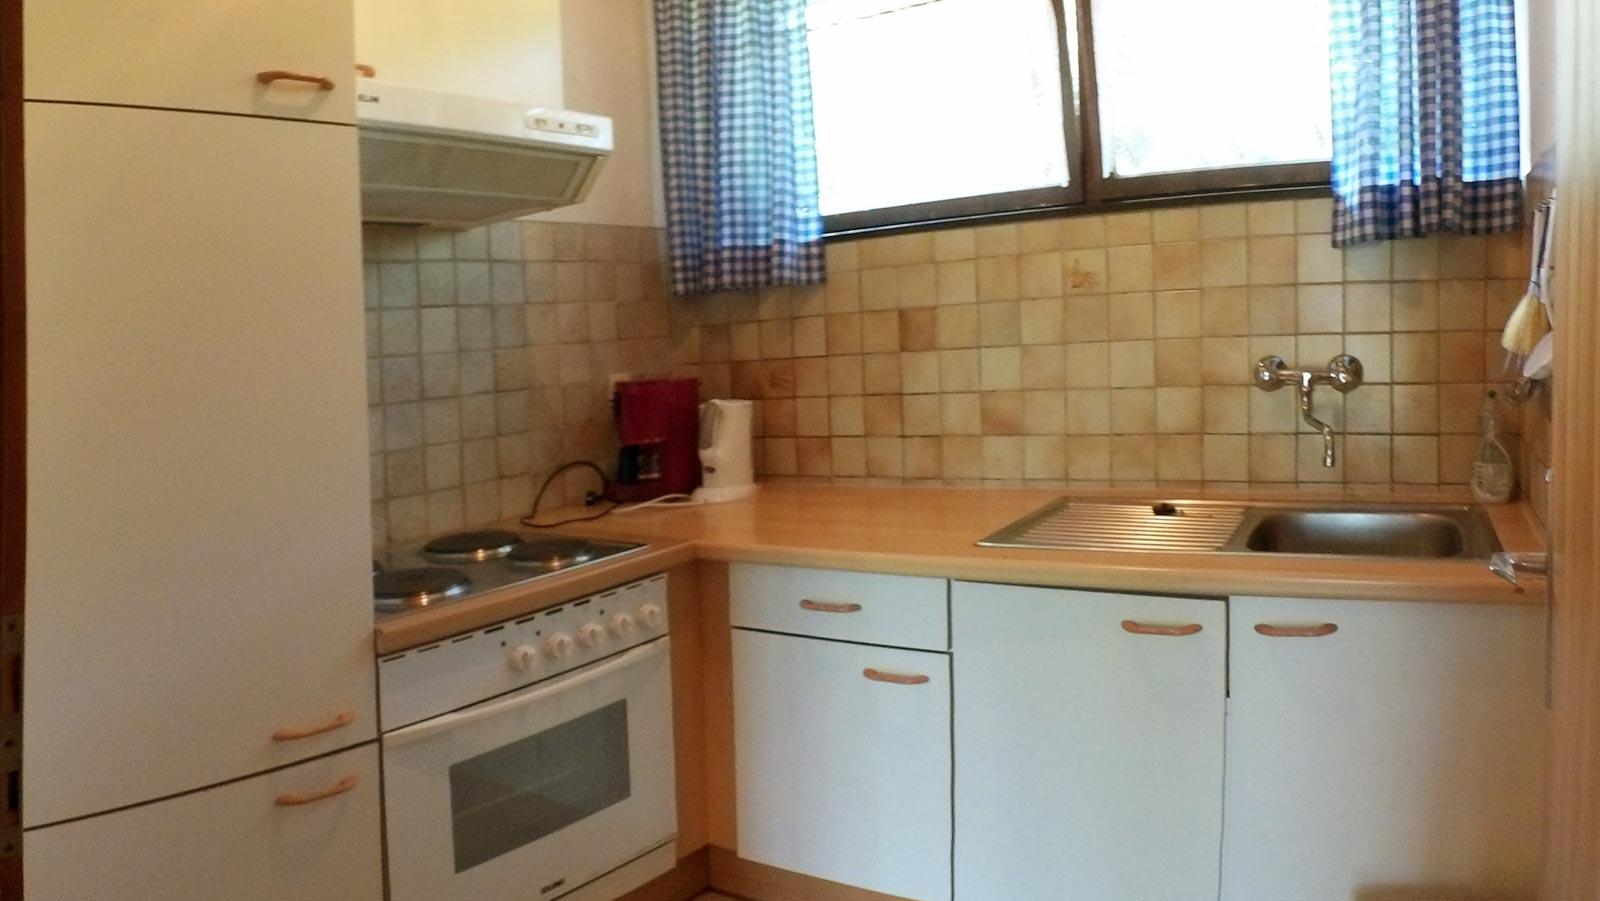 Fein Ideen Für Die Küche Wanddekorationen Bilder - Küchenschrank ...